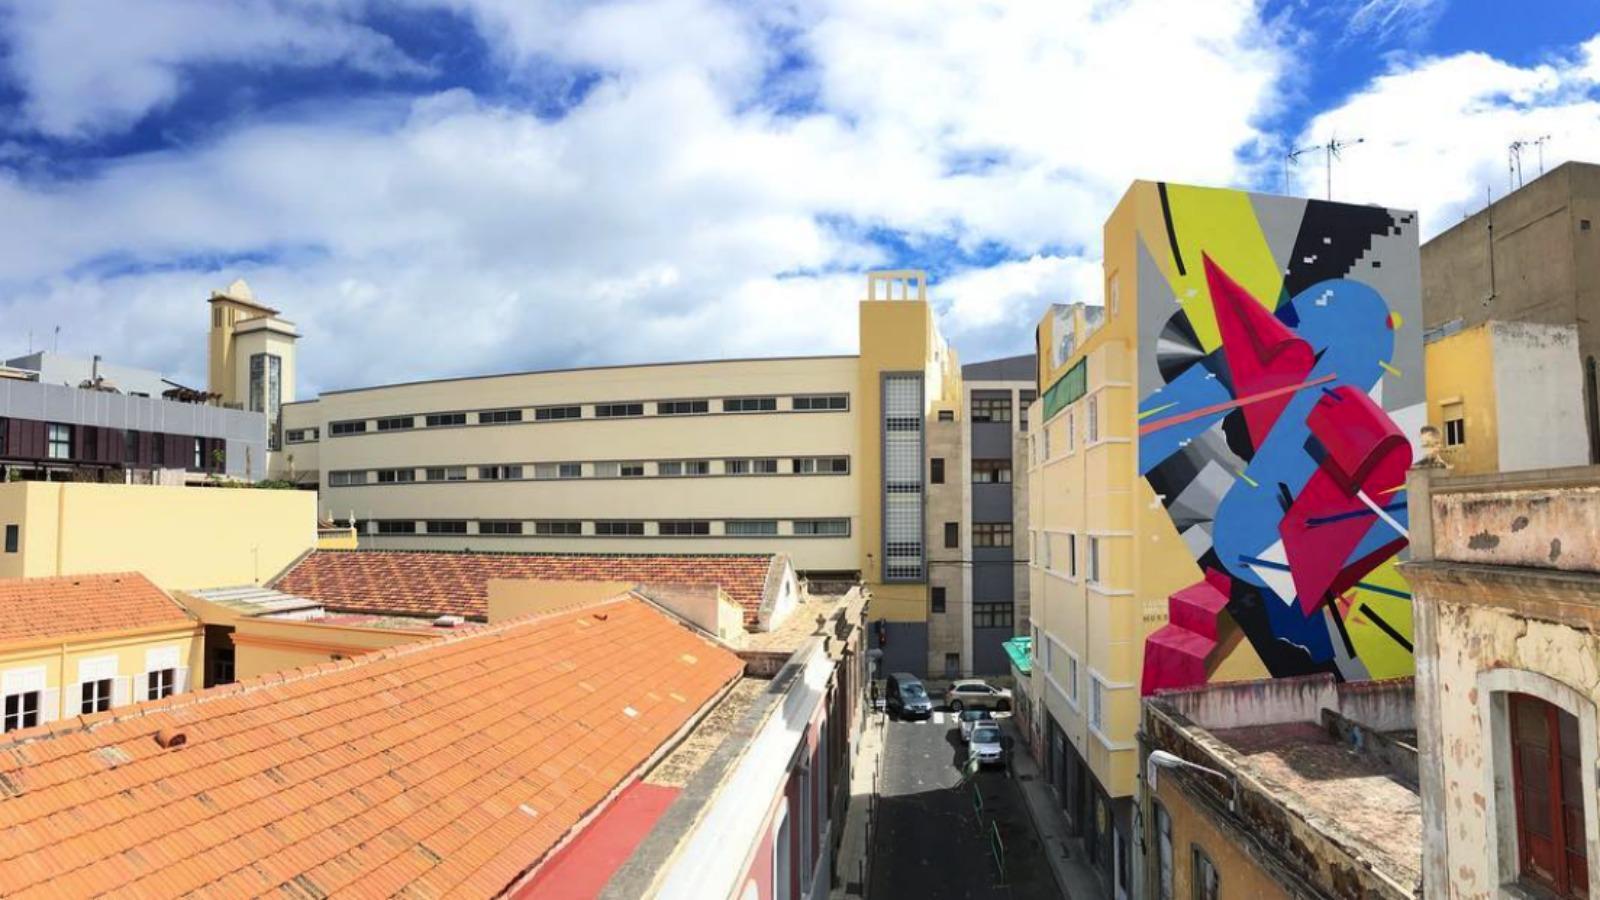 Emotions, el nuevo mural de Lauro Samblás e Iker Muro en España